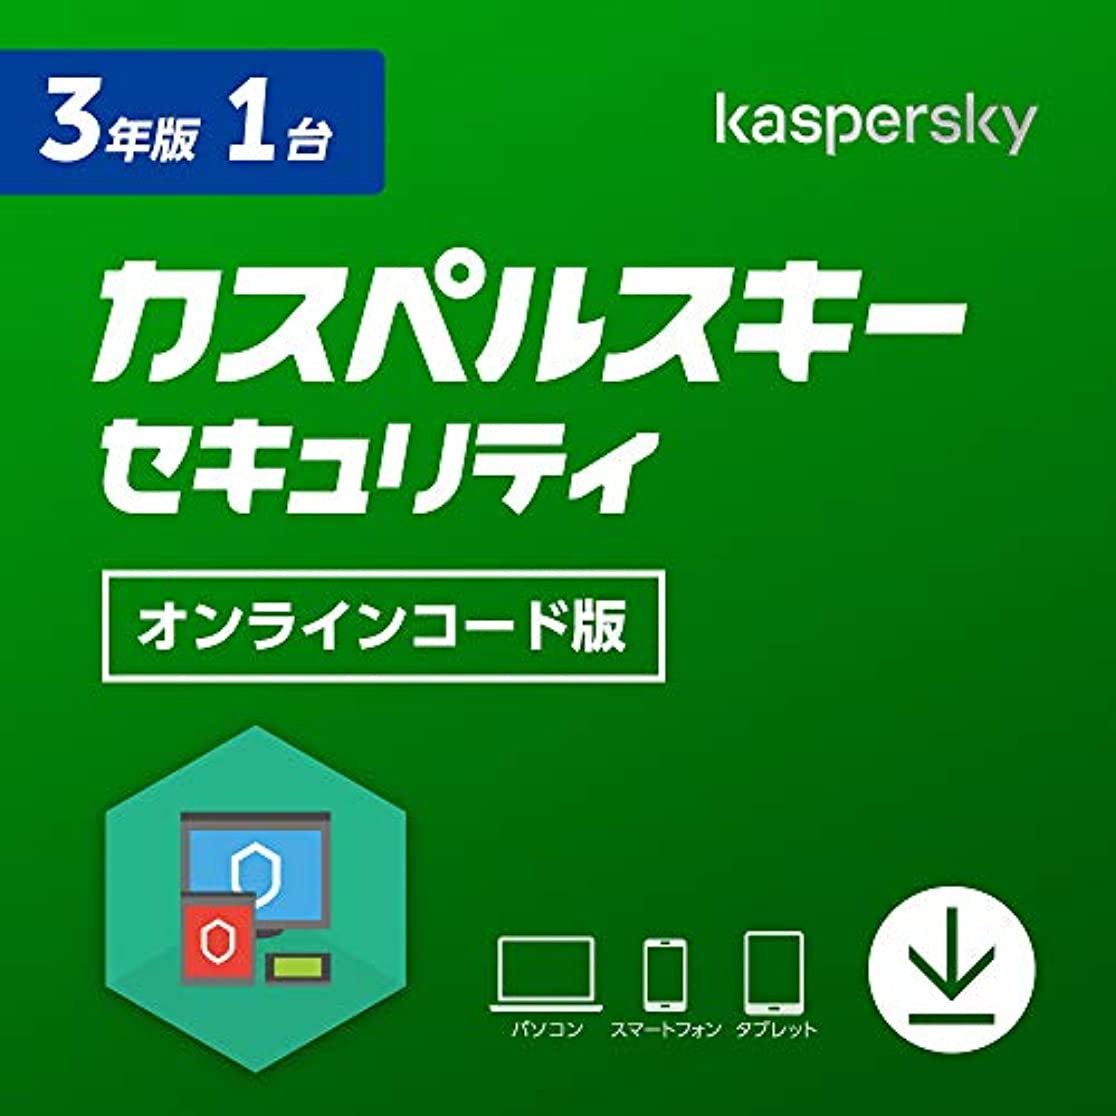 読み書きのできない流暢完了カスペルスキー セキュリティ (最新版)   3年 1台版   オンラインコード版   Windows/Mac/Android対応